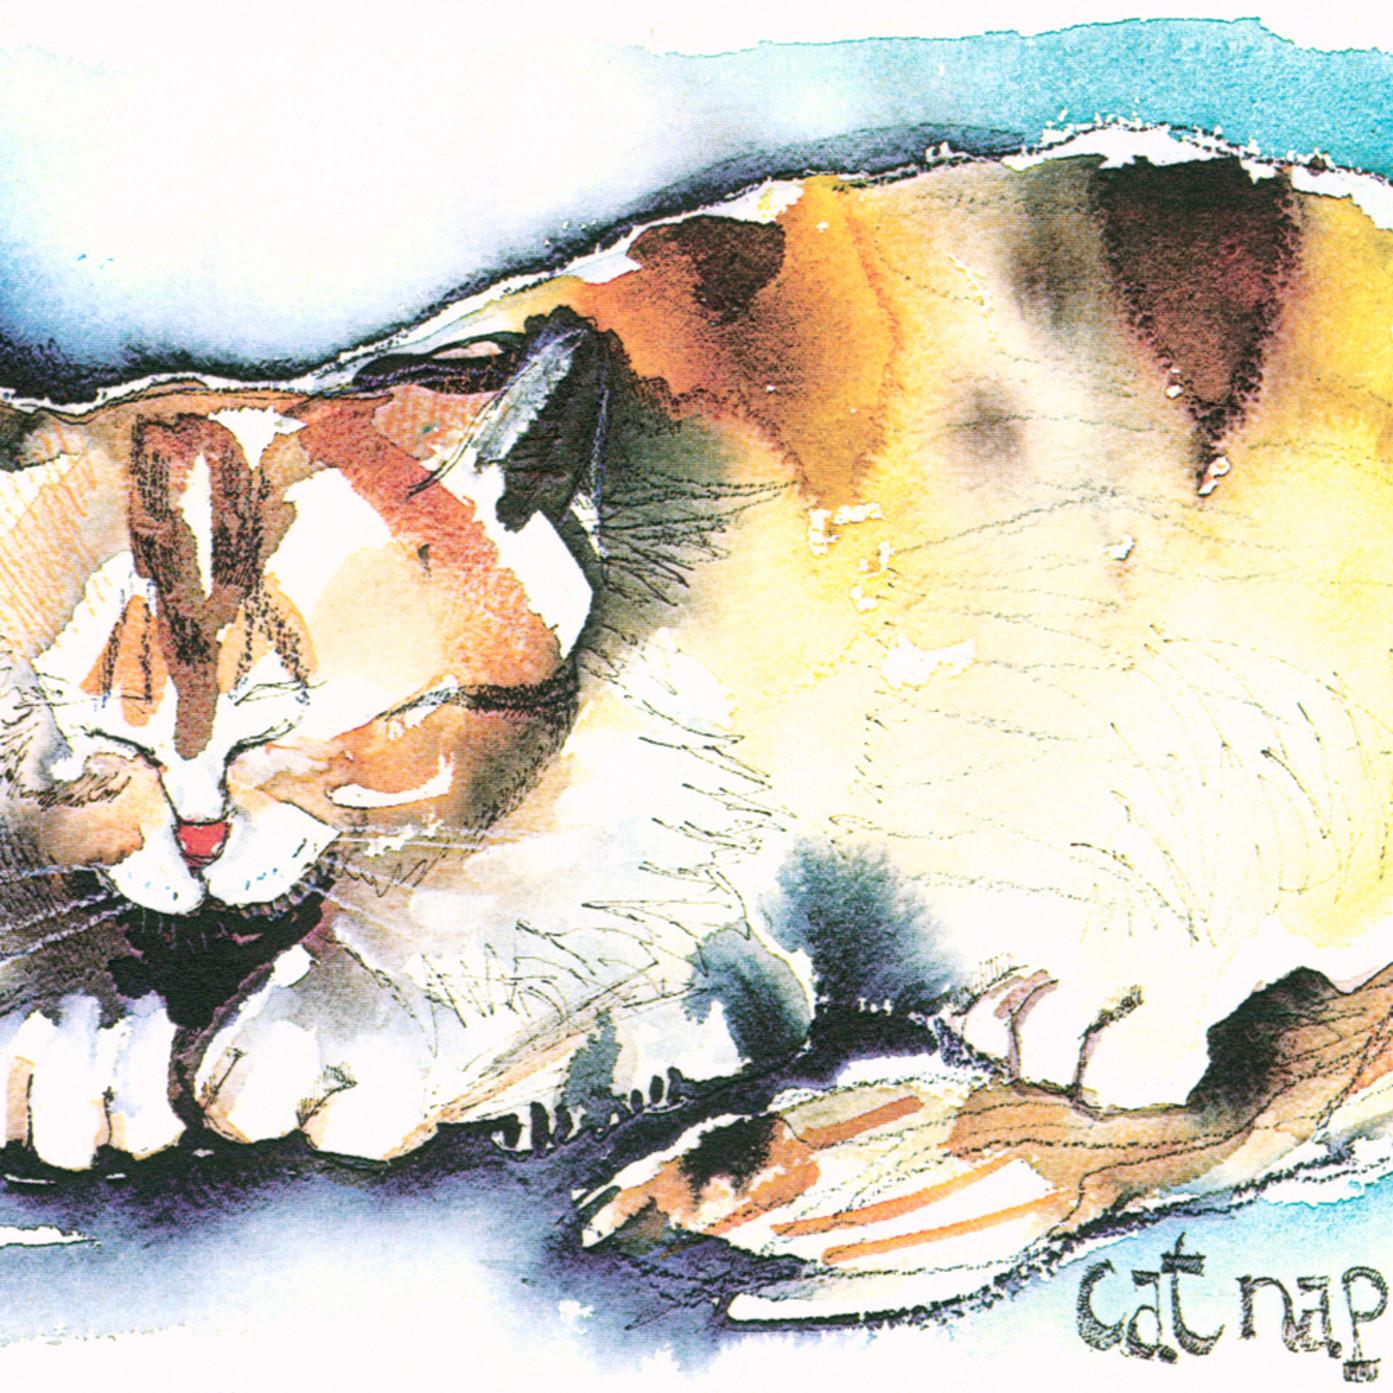 Cat nap wcu8am